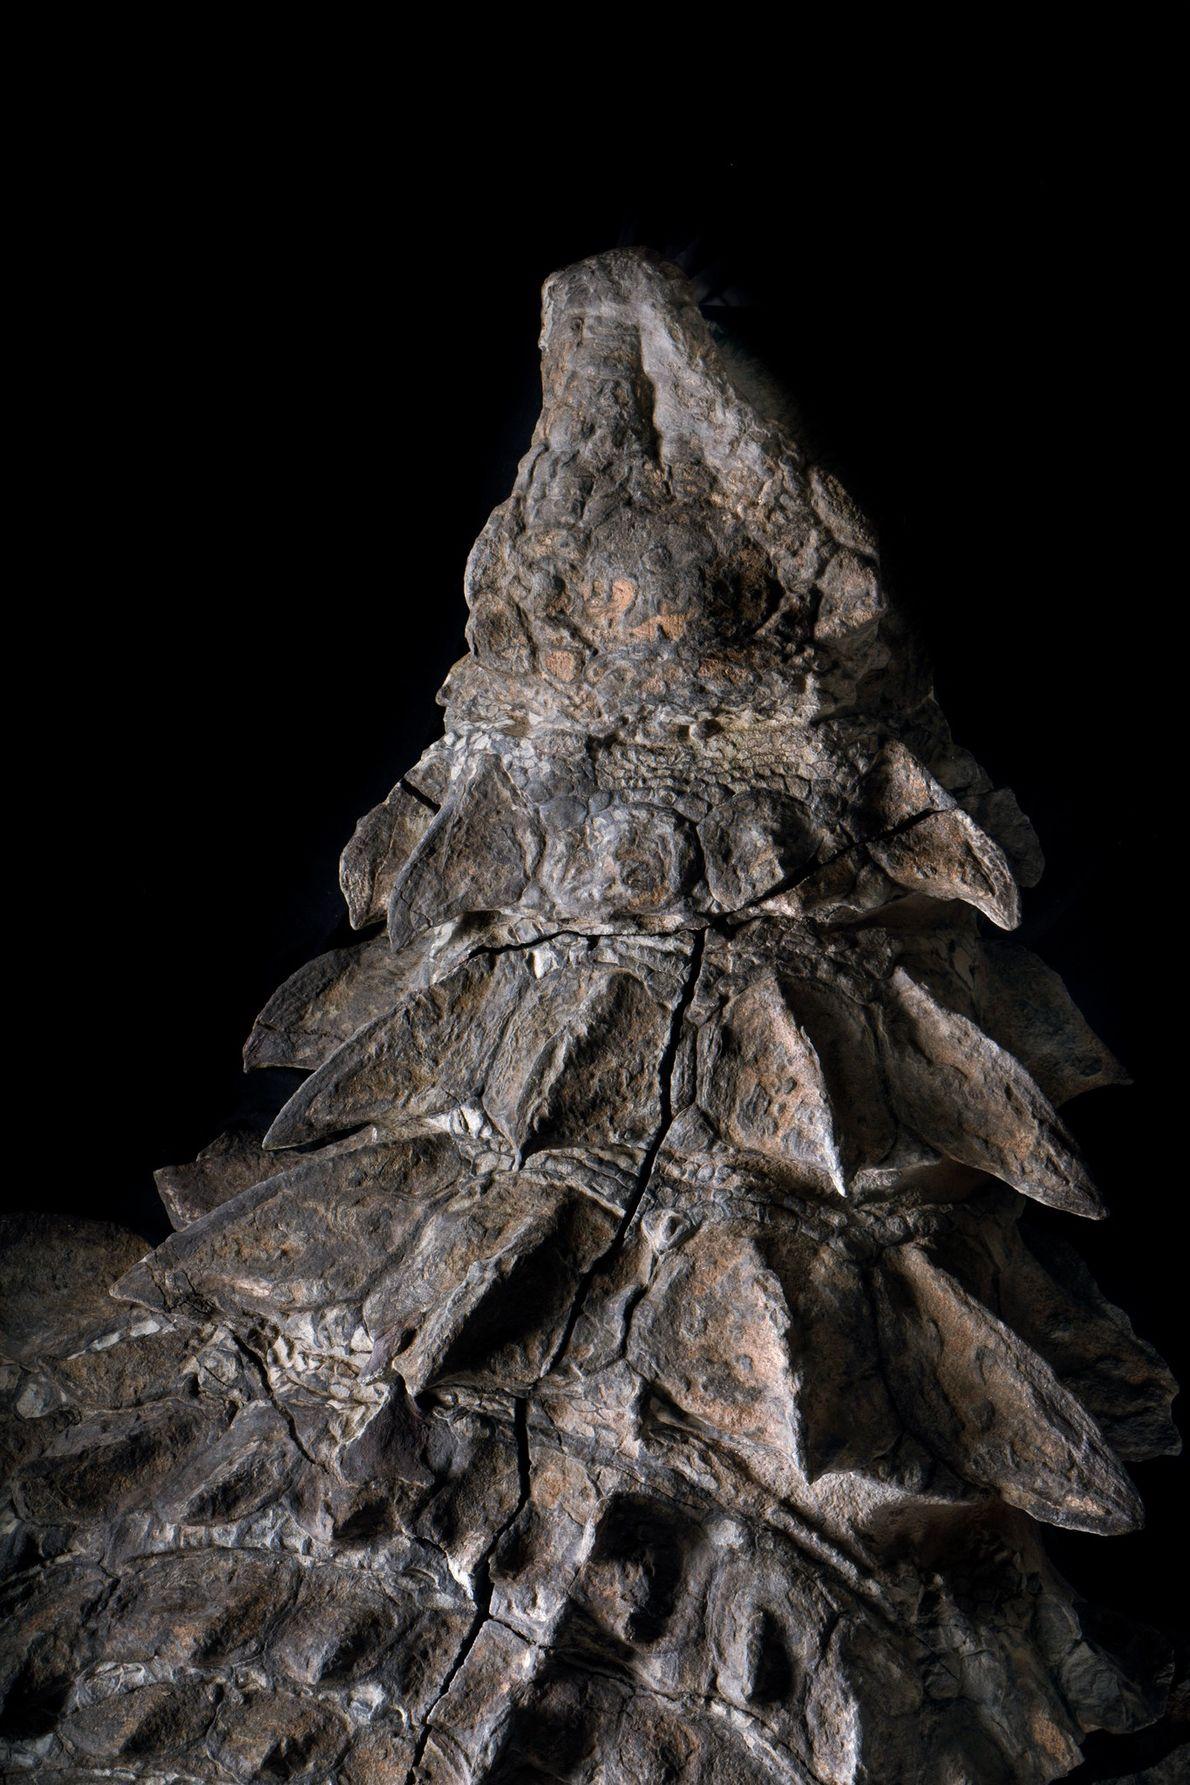 nodossauro-nova-especie-de-dinossauro-fossil-incrivel-04